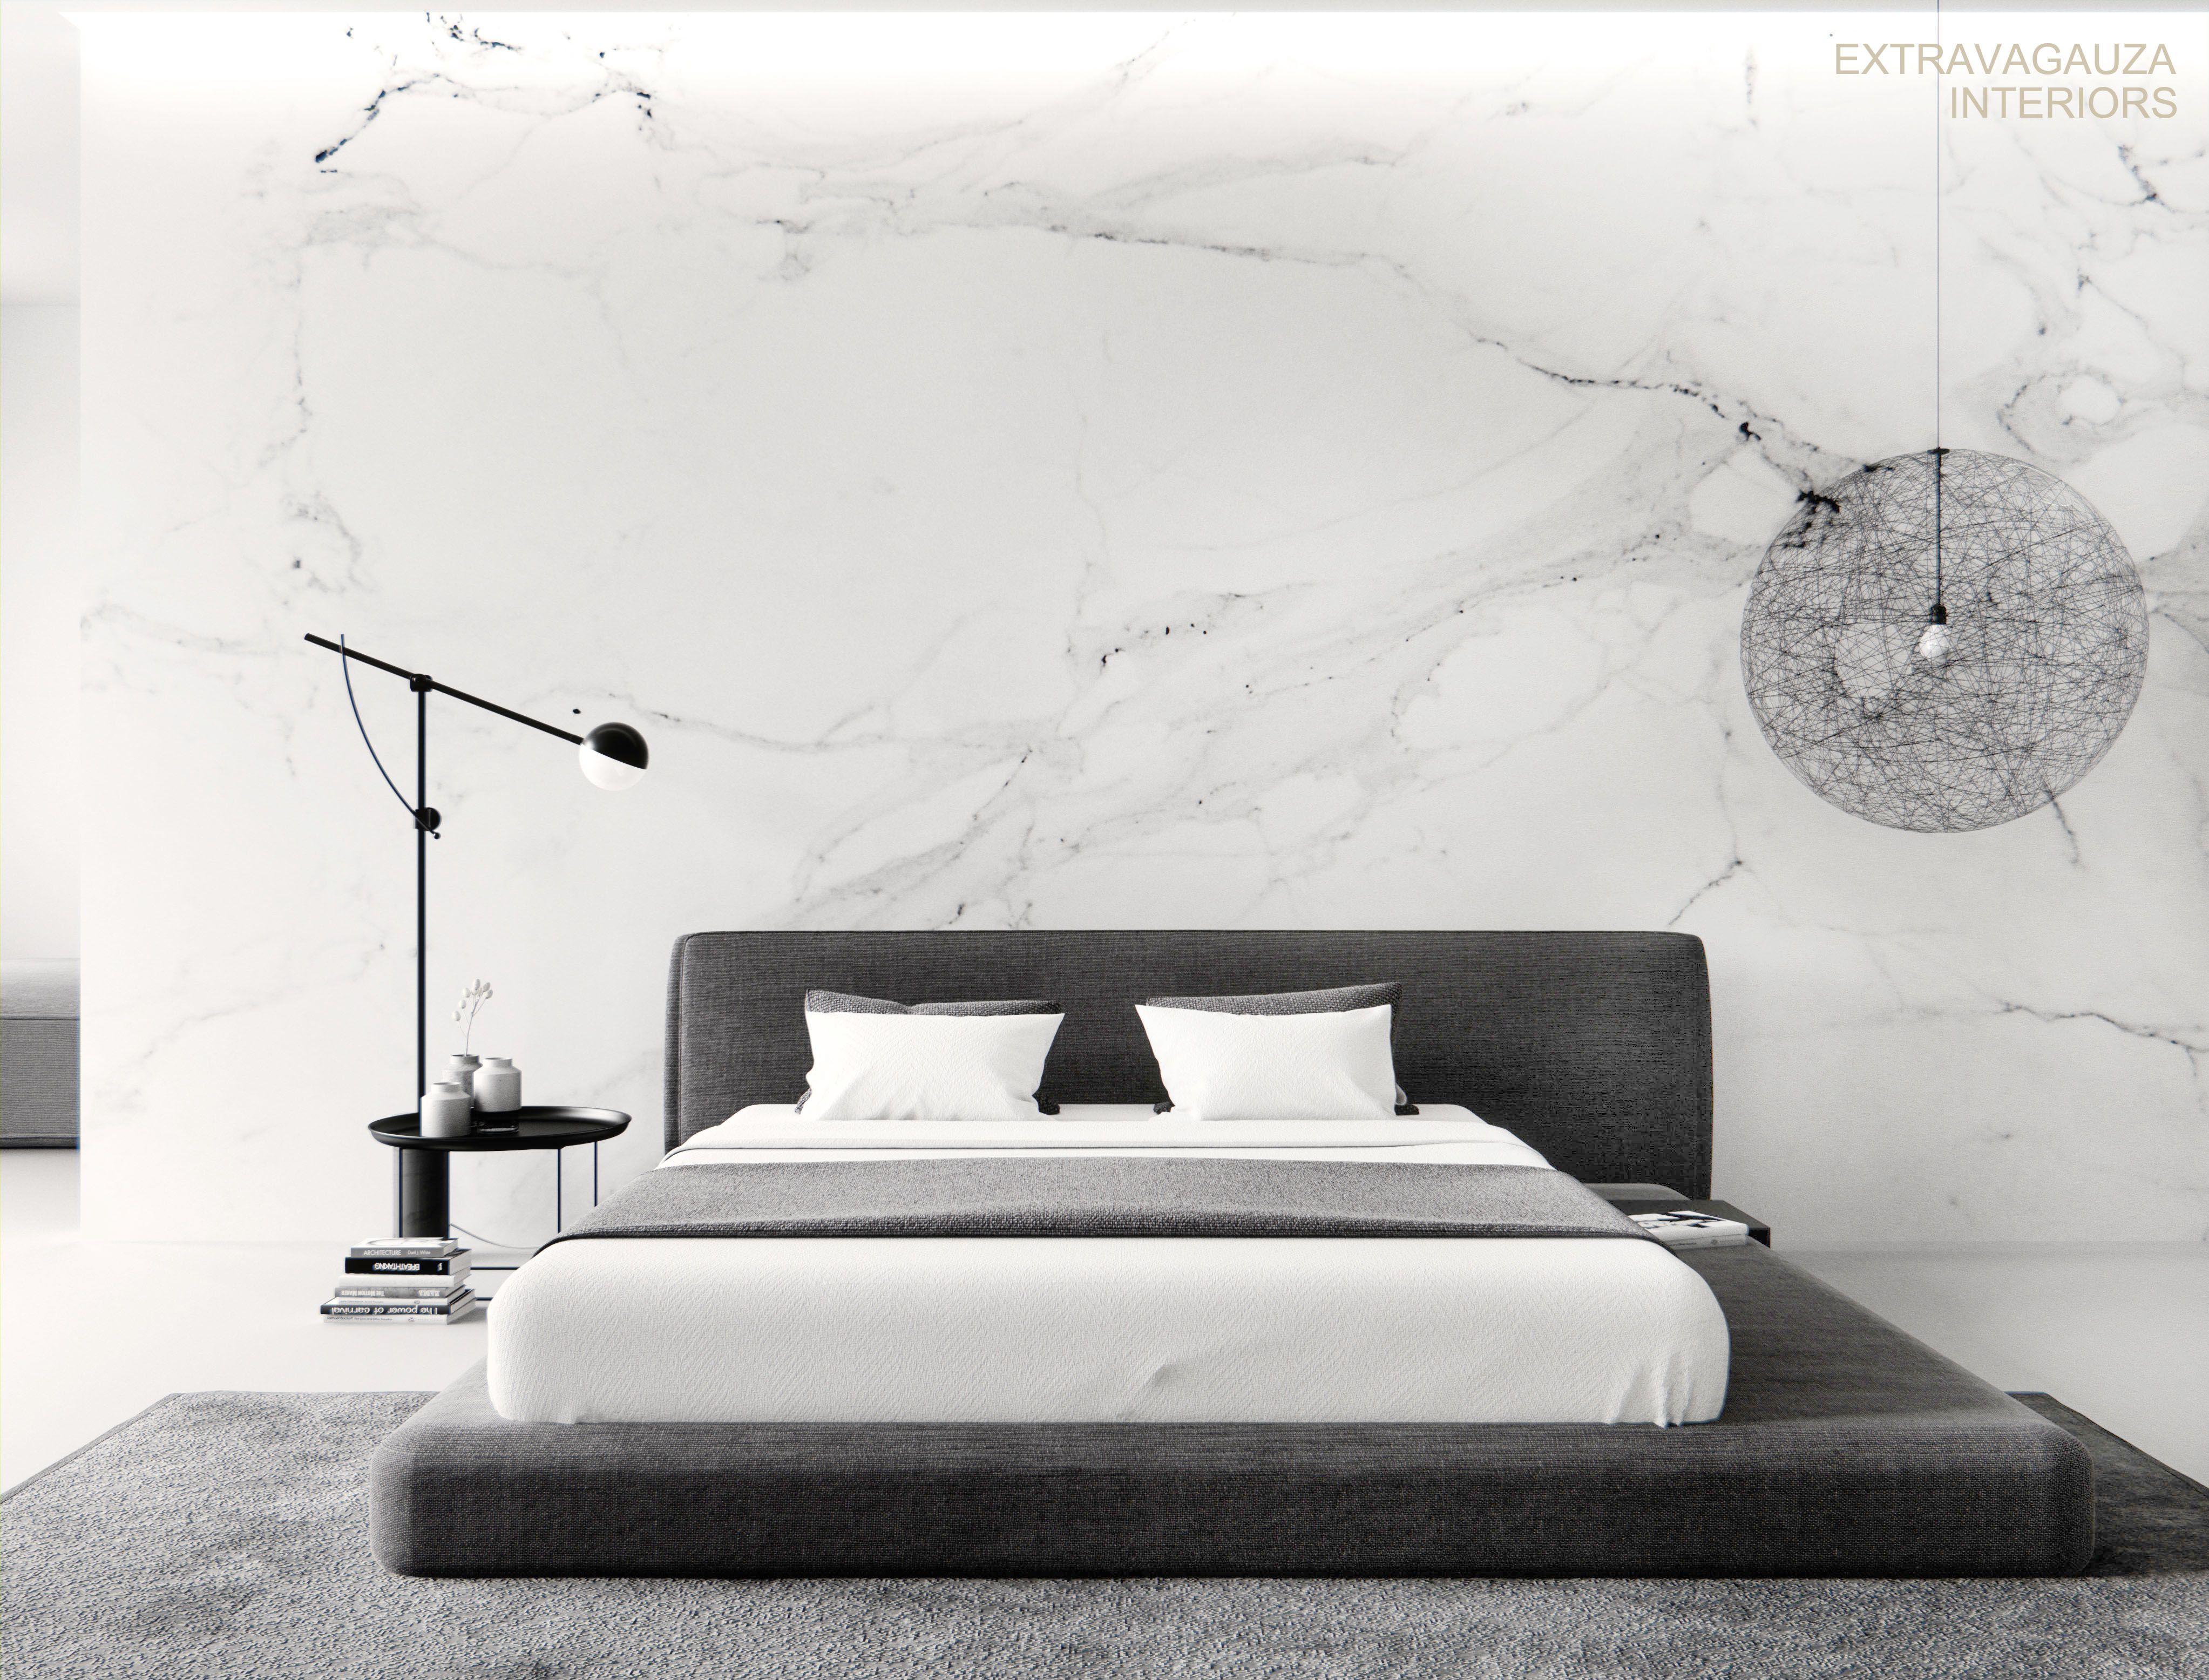 Gorgeous 50 Simple And Minimalist Bedroom Ideas Https Homeylife Com 50 Simple Minimalist Modern Minimalist Bedroom Minimalist Bedroom Decor Bedroom Interior